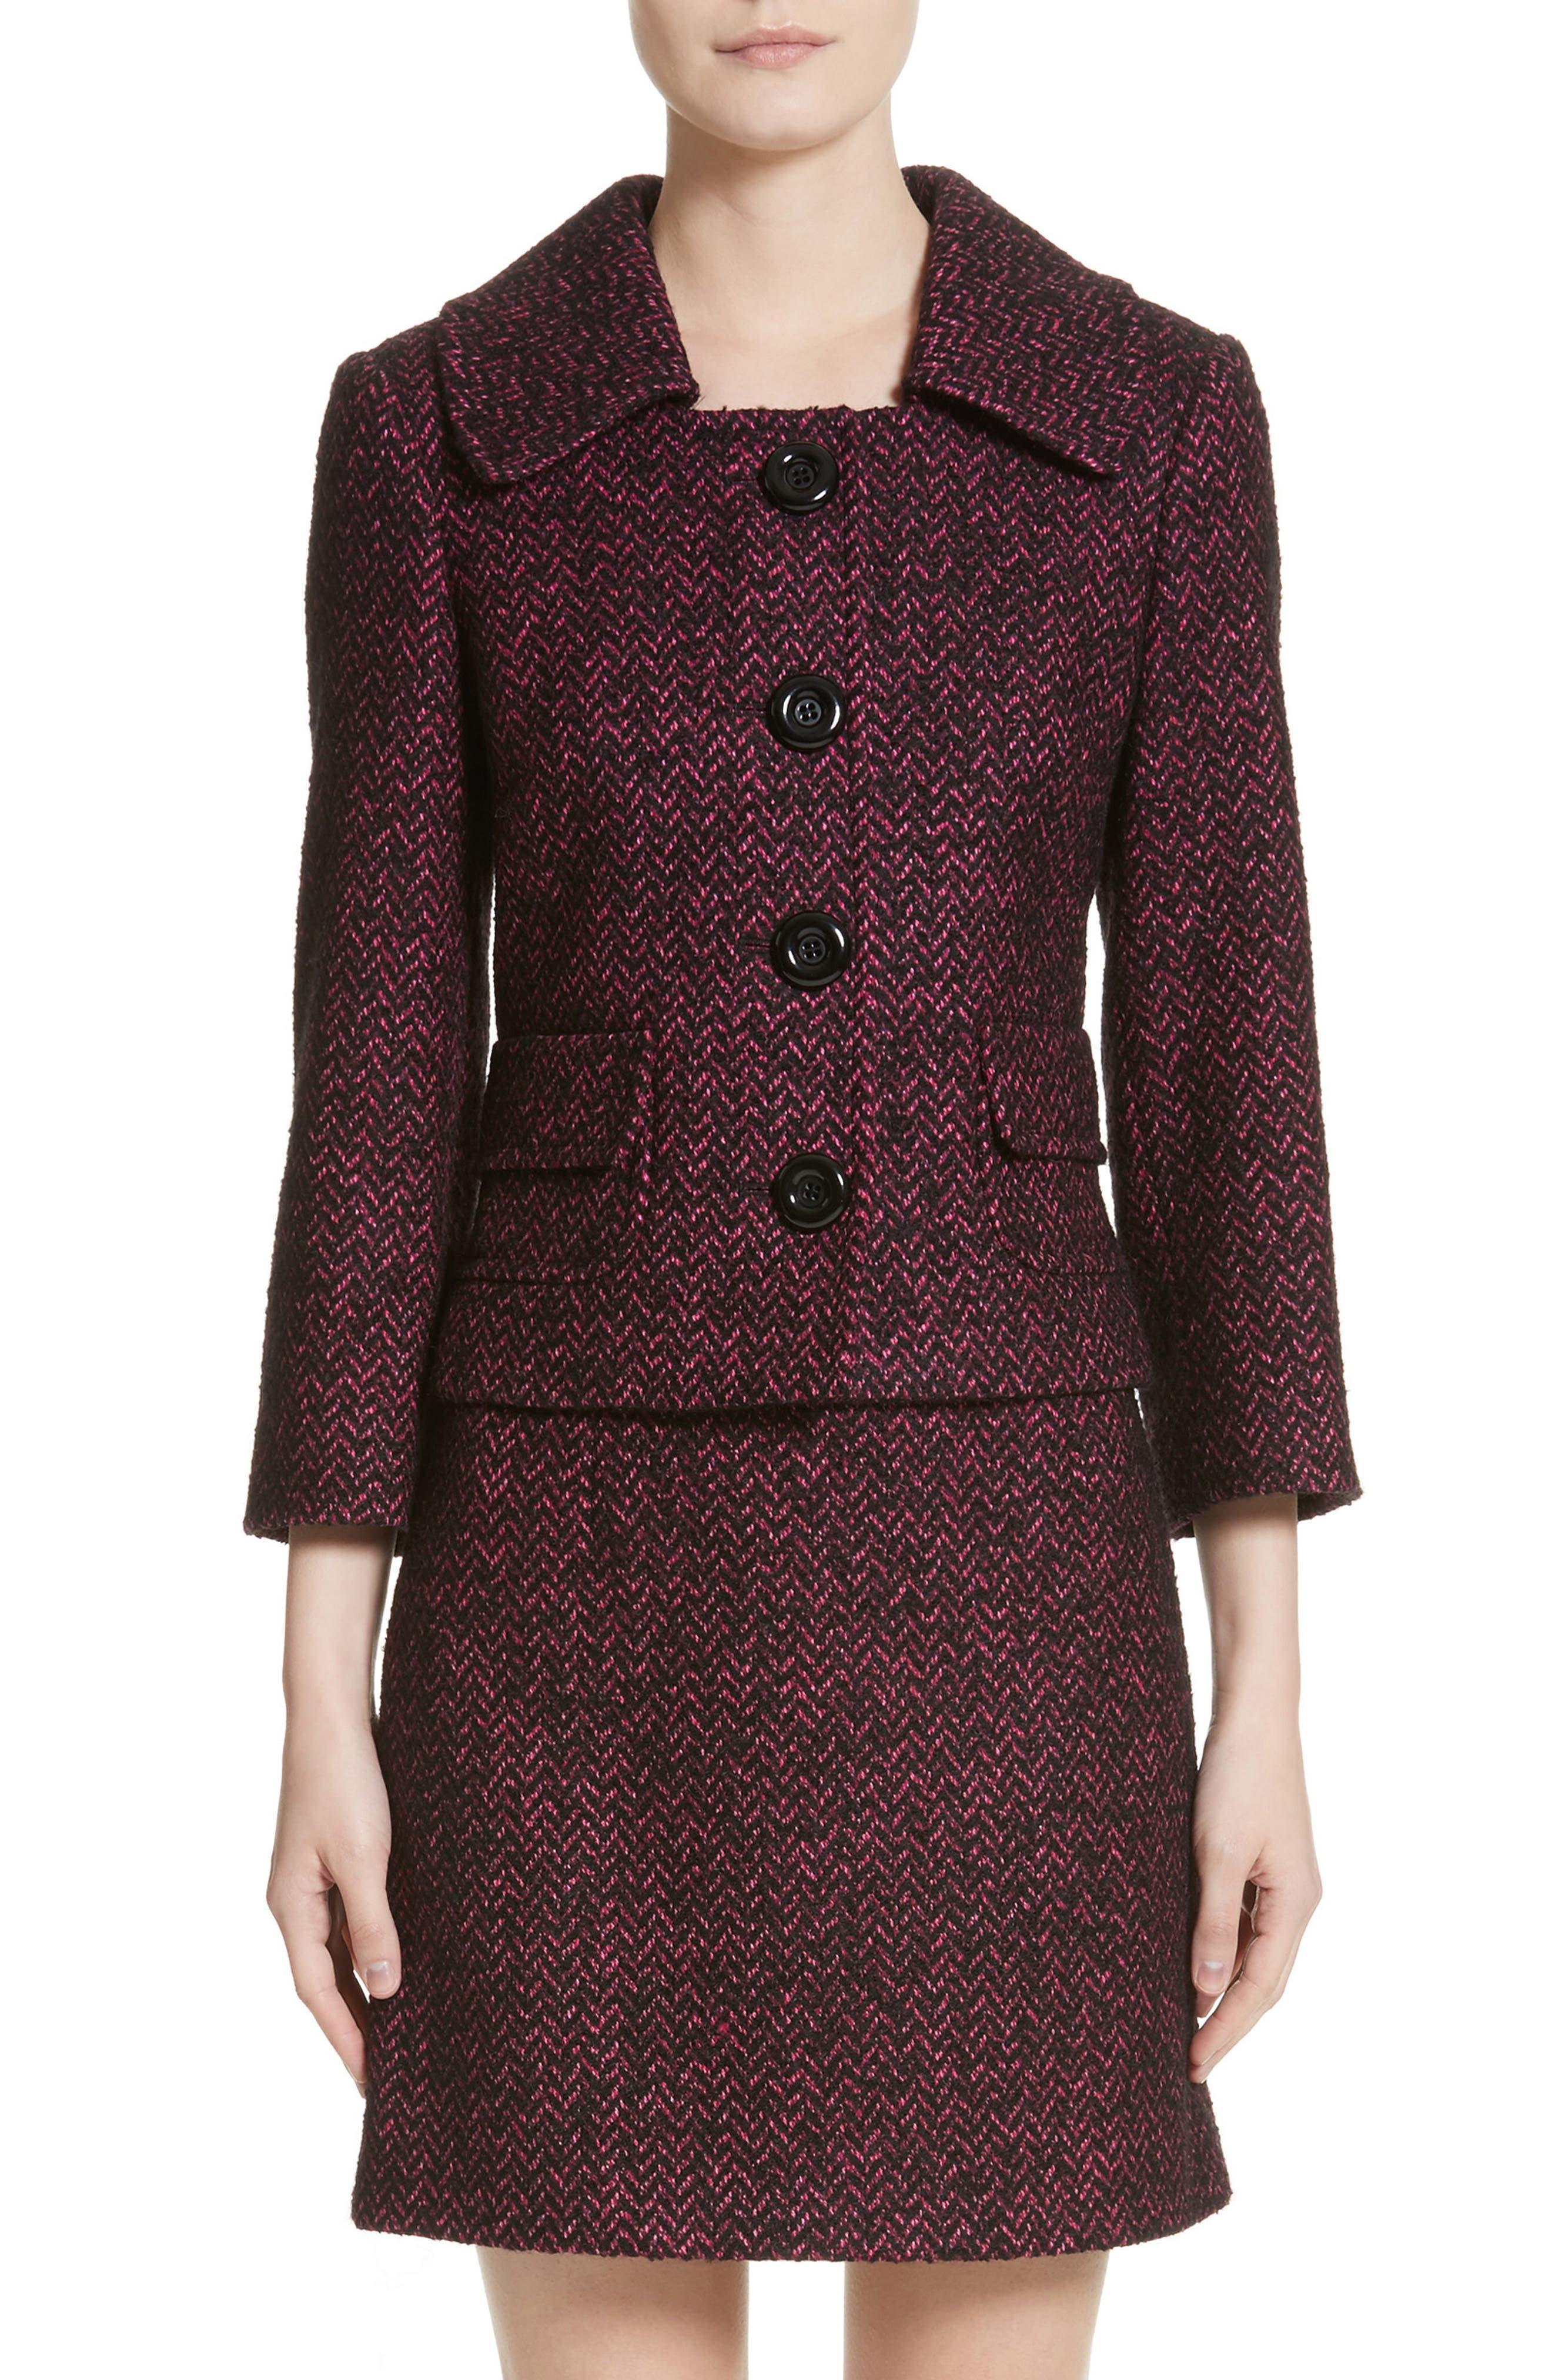 Herringbone Wool Blend Jacket,                         Main,                         color, 658